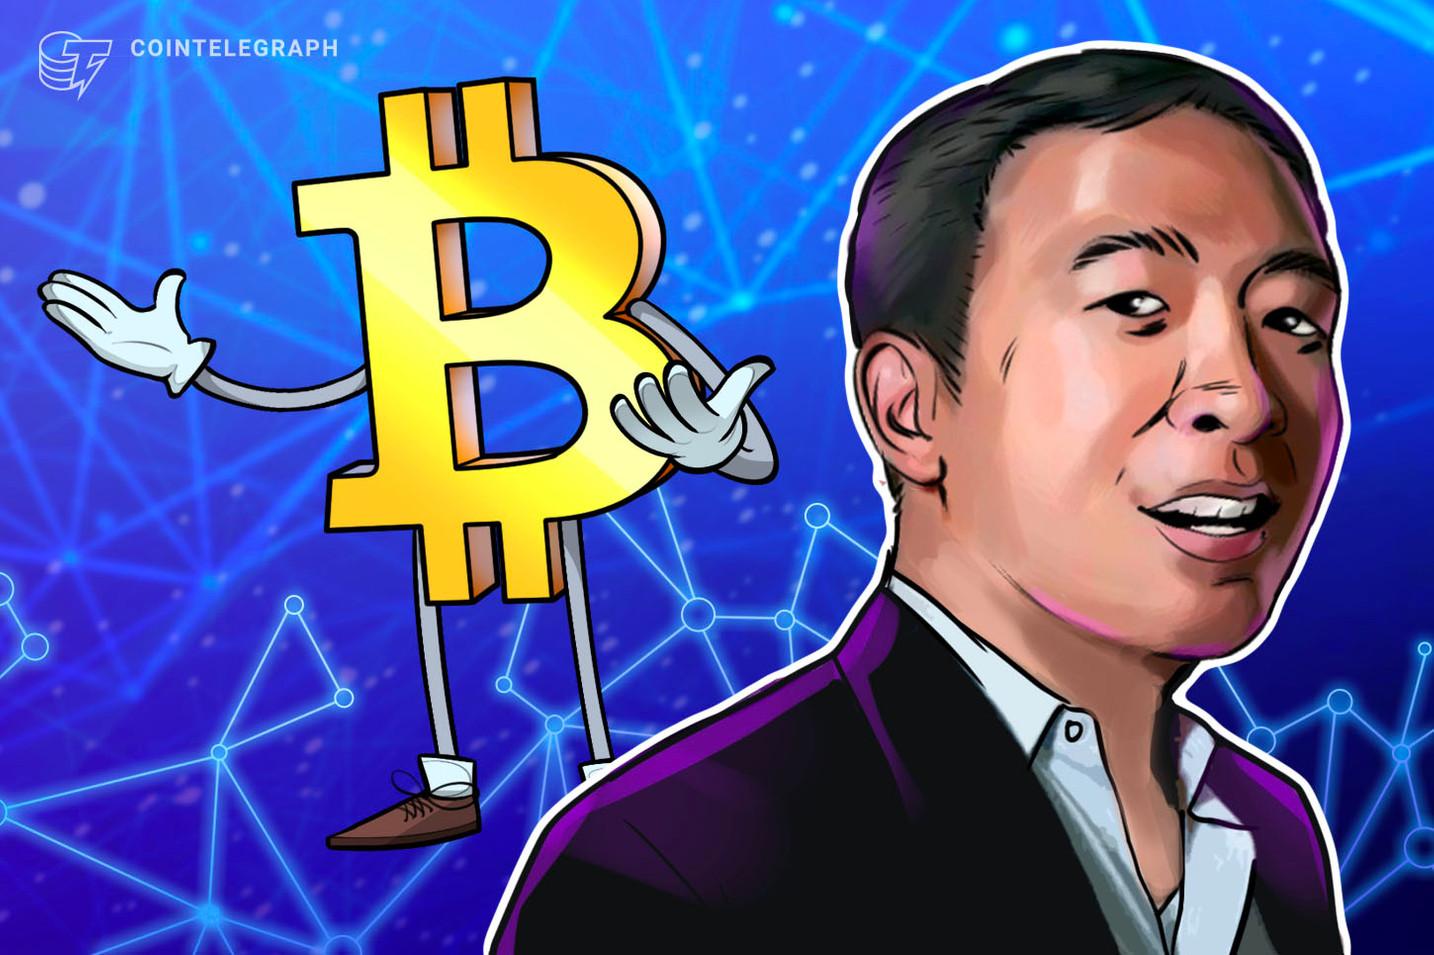 Andrew Yang dice que transformará NYC en un centro de Bitcoin si es elegido alcalde